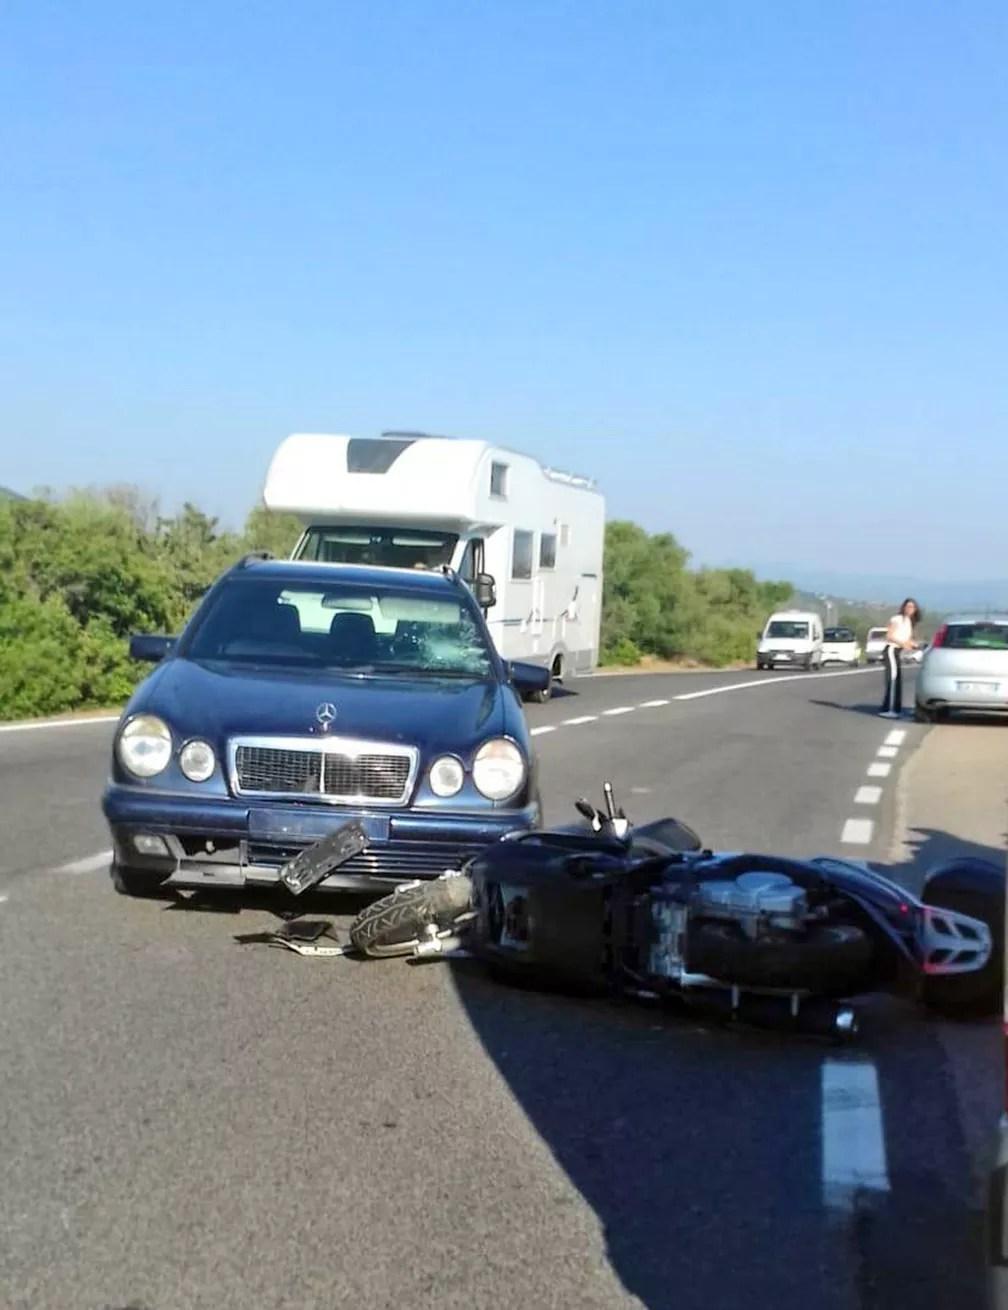 Scooter fica caída ao lado de carro, na Itália, após acidente envolvendo o ator George Clooney (Foto: AP Photo/Mario Chironi)